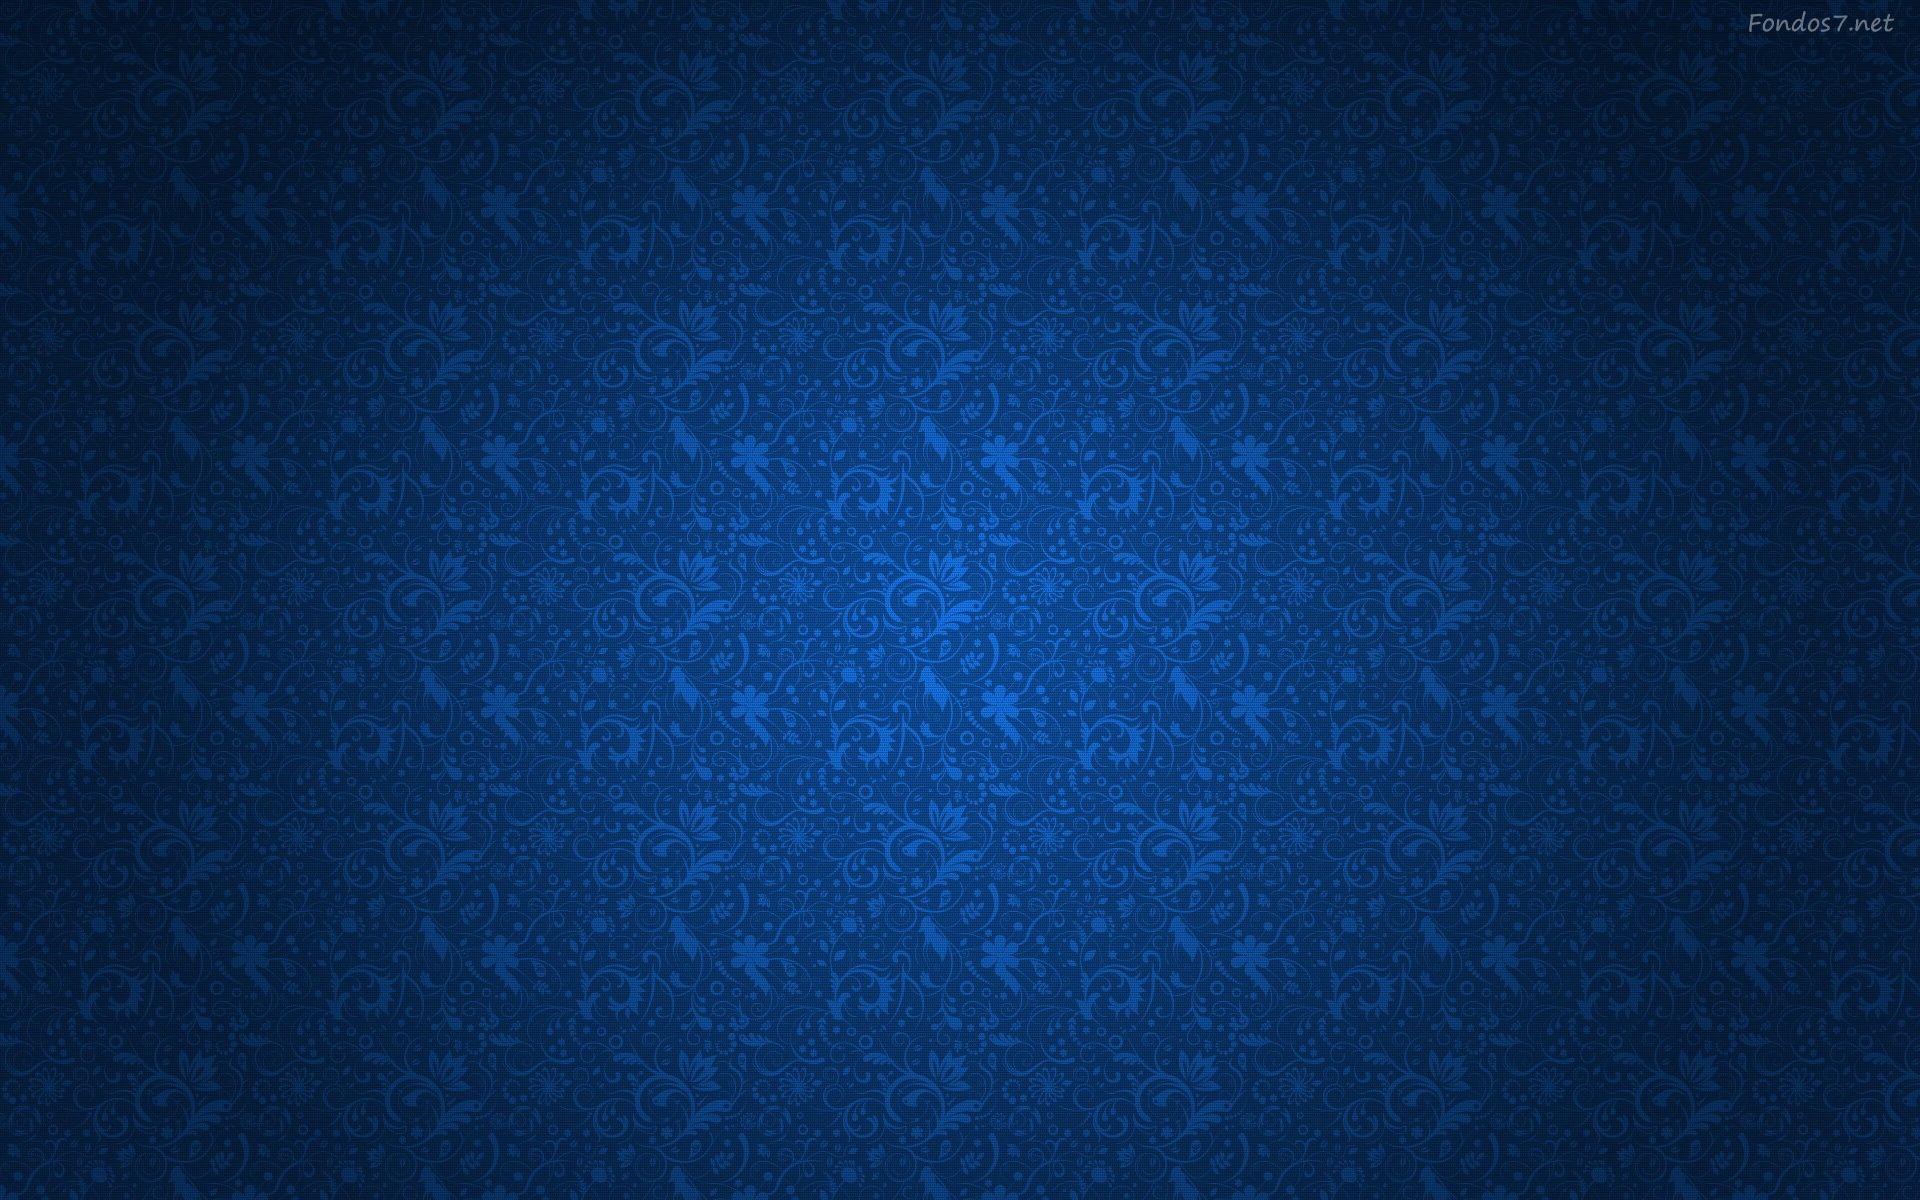 Wallpaper Hd Para Bajar Gratis 3 HD